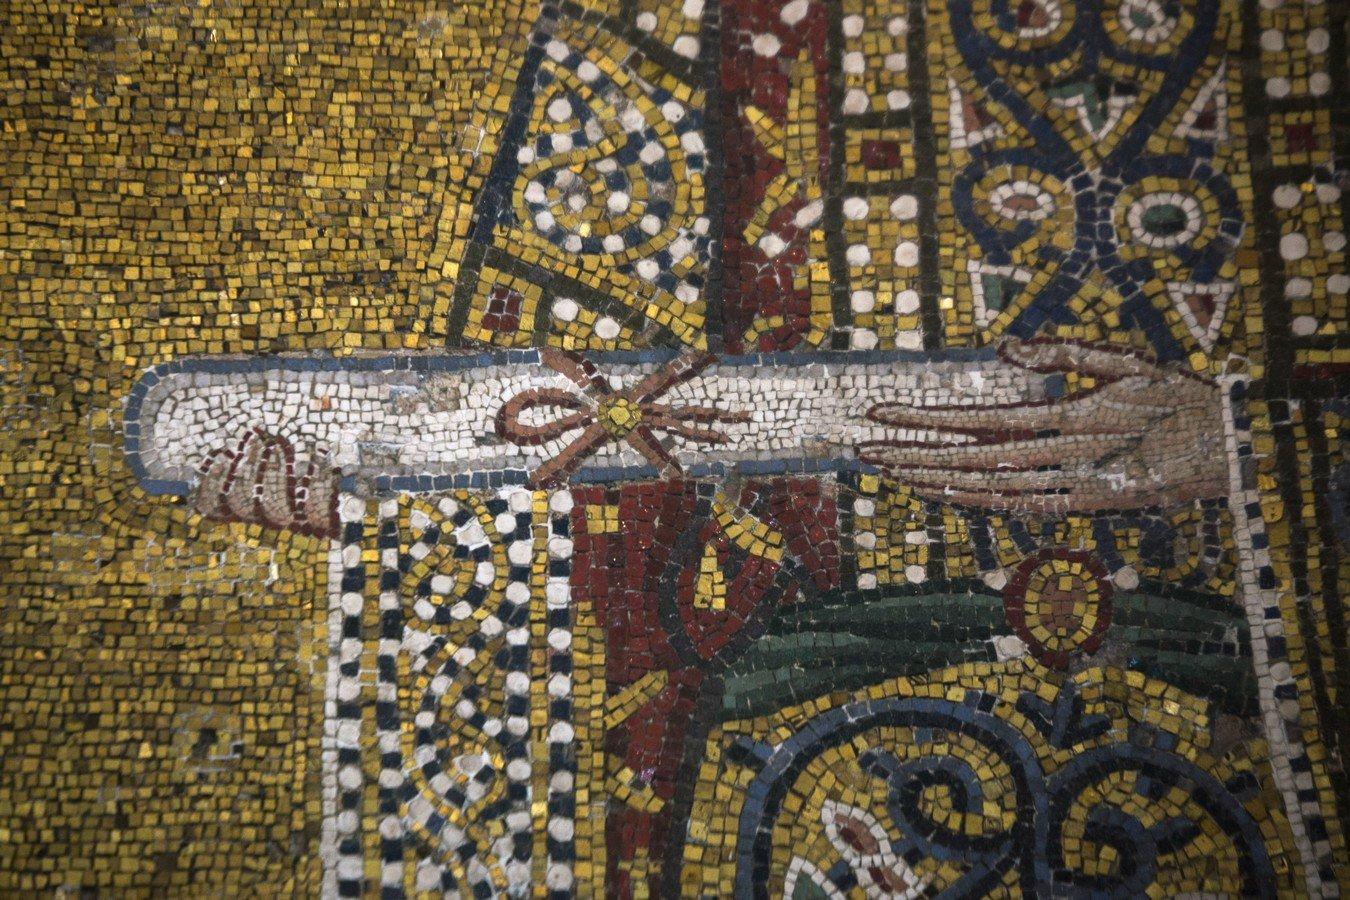 Пресвятая Богородица с Младенцем, император Иоанн II Комнин и Святая императрица Ирина-Пирошка, впоследствии схимонахиня Ксения. Мозаика Собора Святой Софии в Константинополе. 1118 год. Фрагмент.